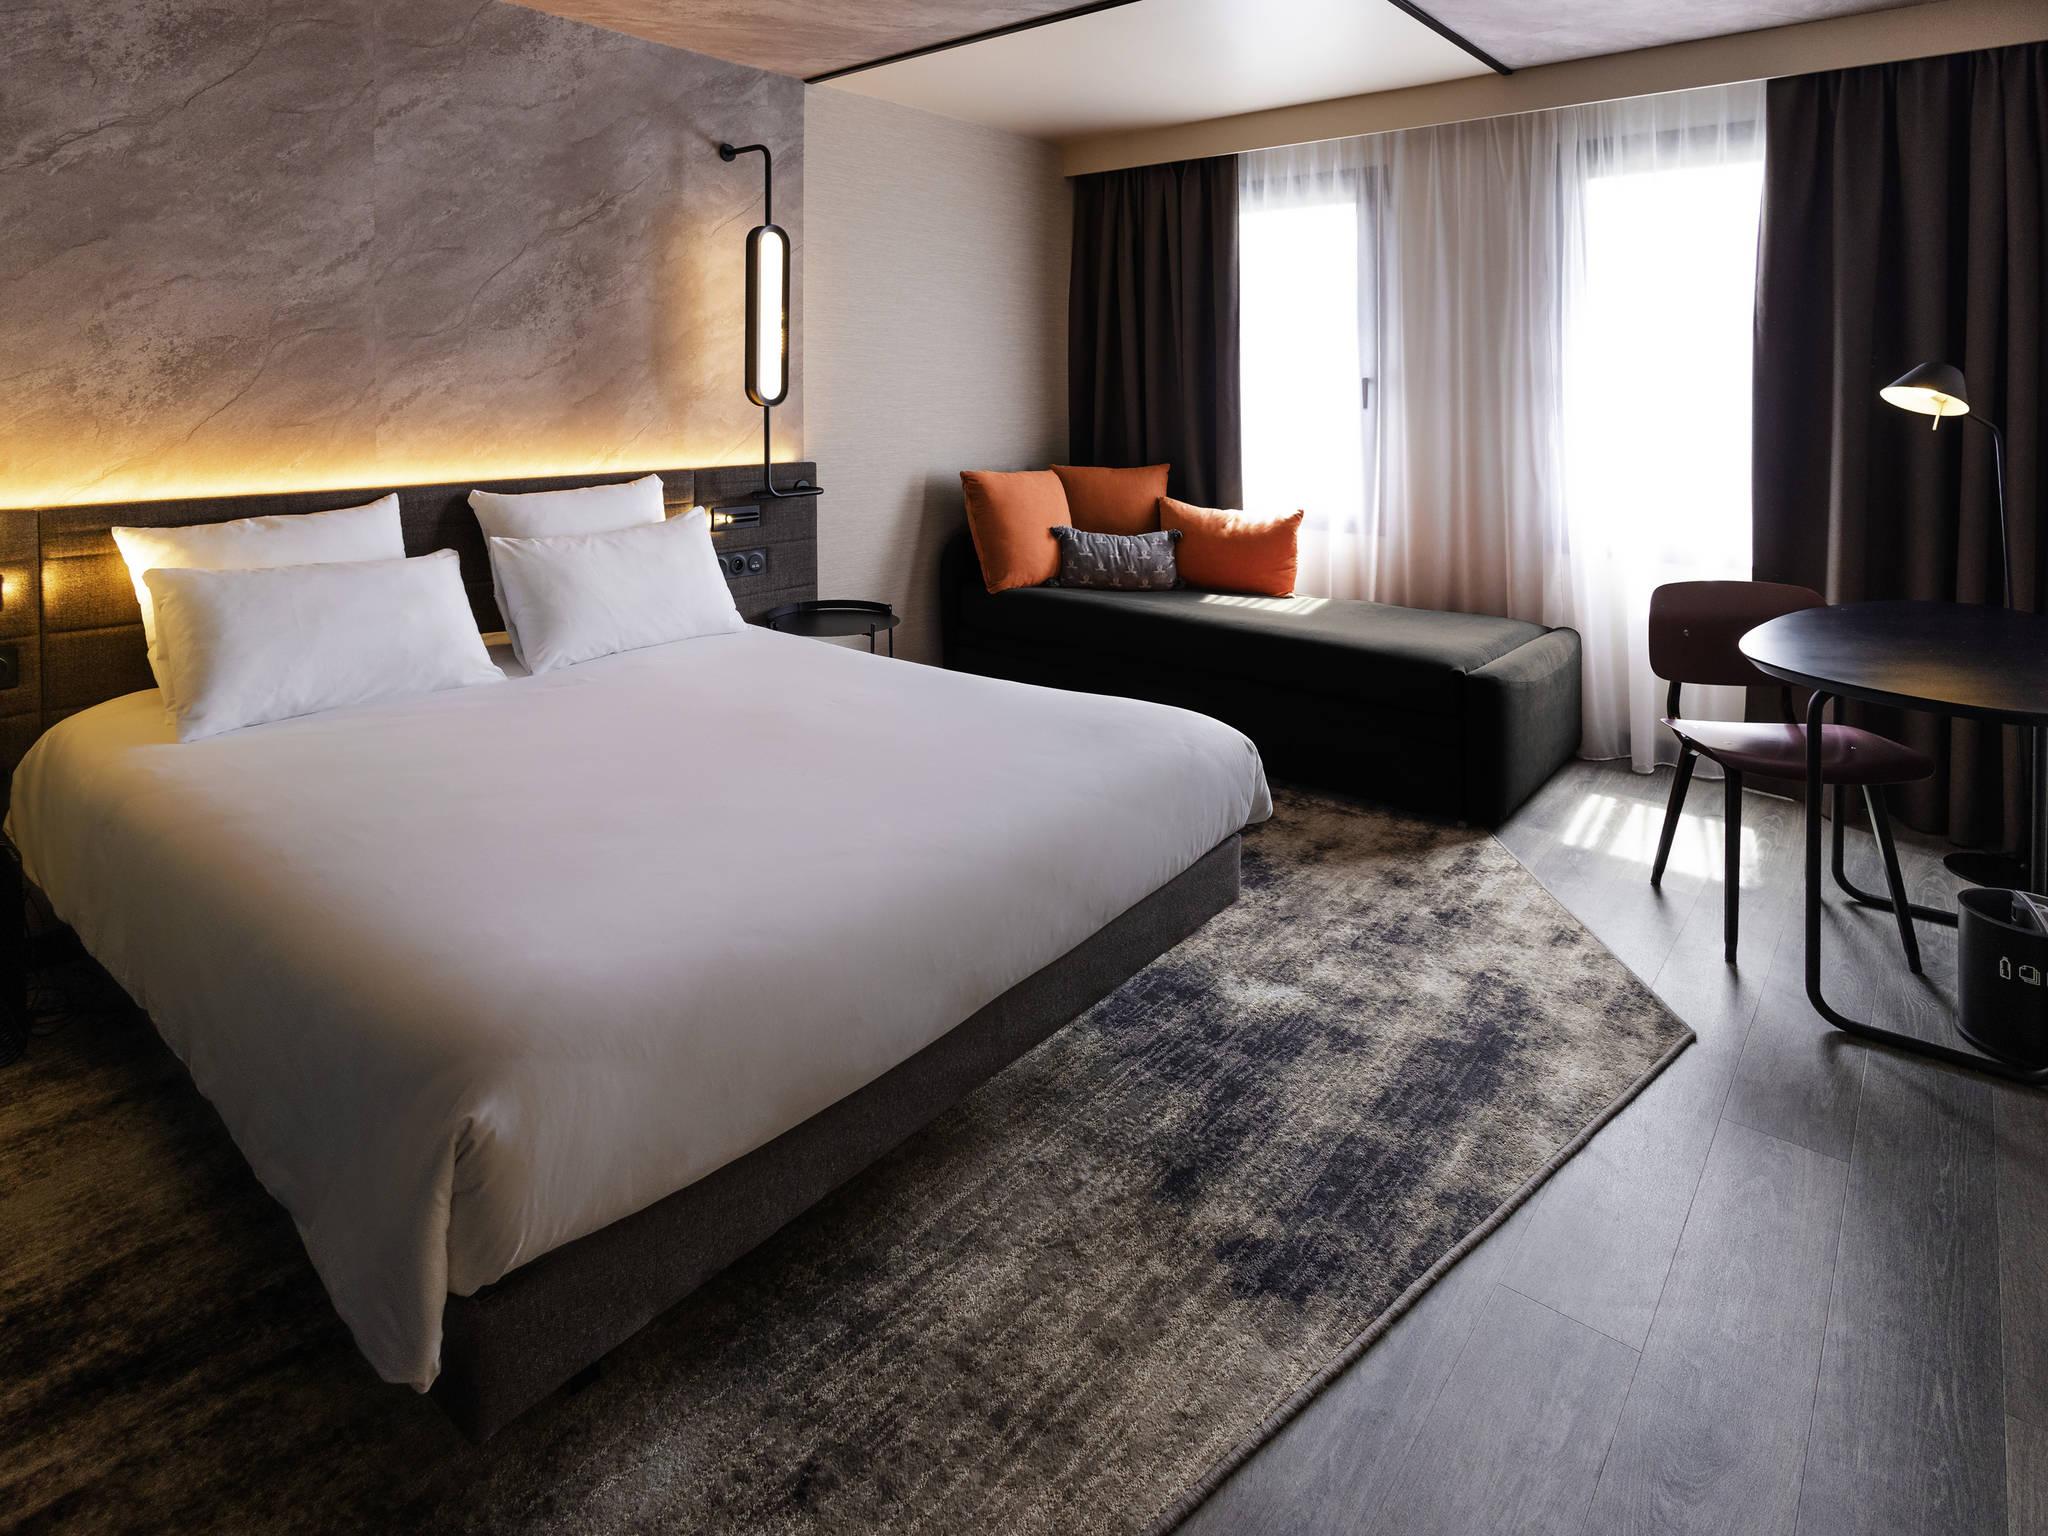 酒店 – 巴黎苏雷斯尼隆尚诺富特酒店